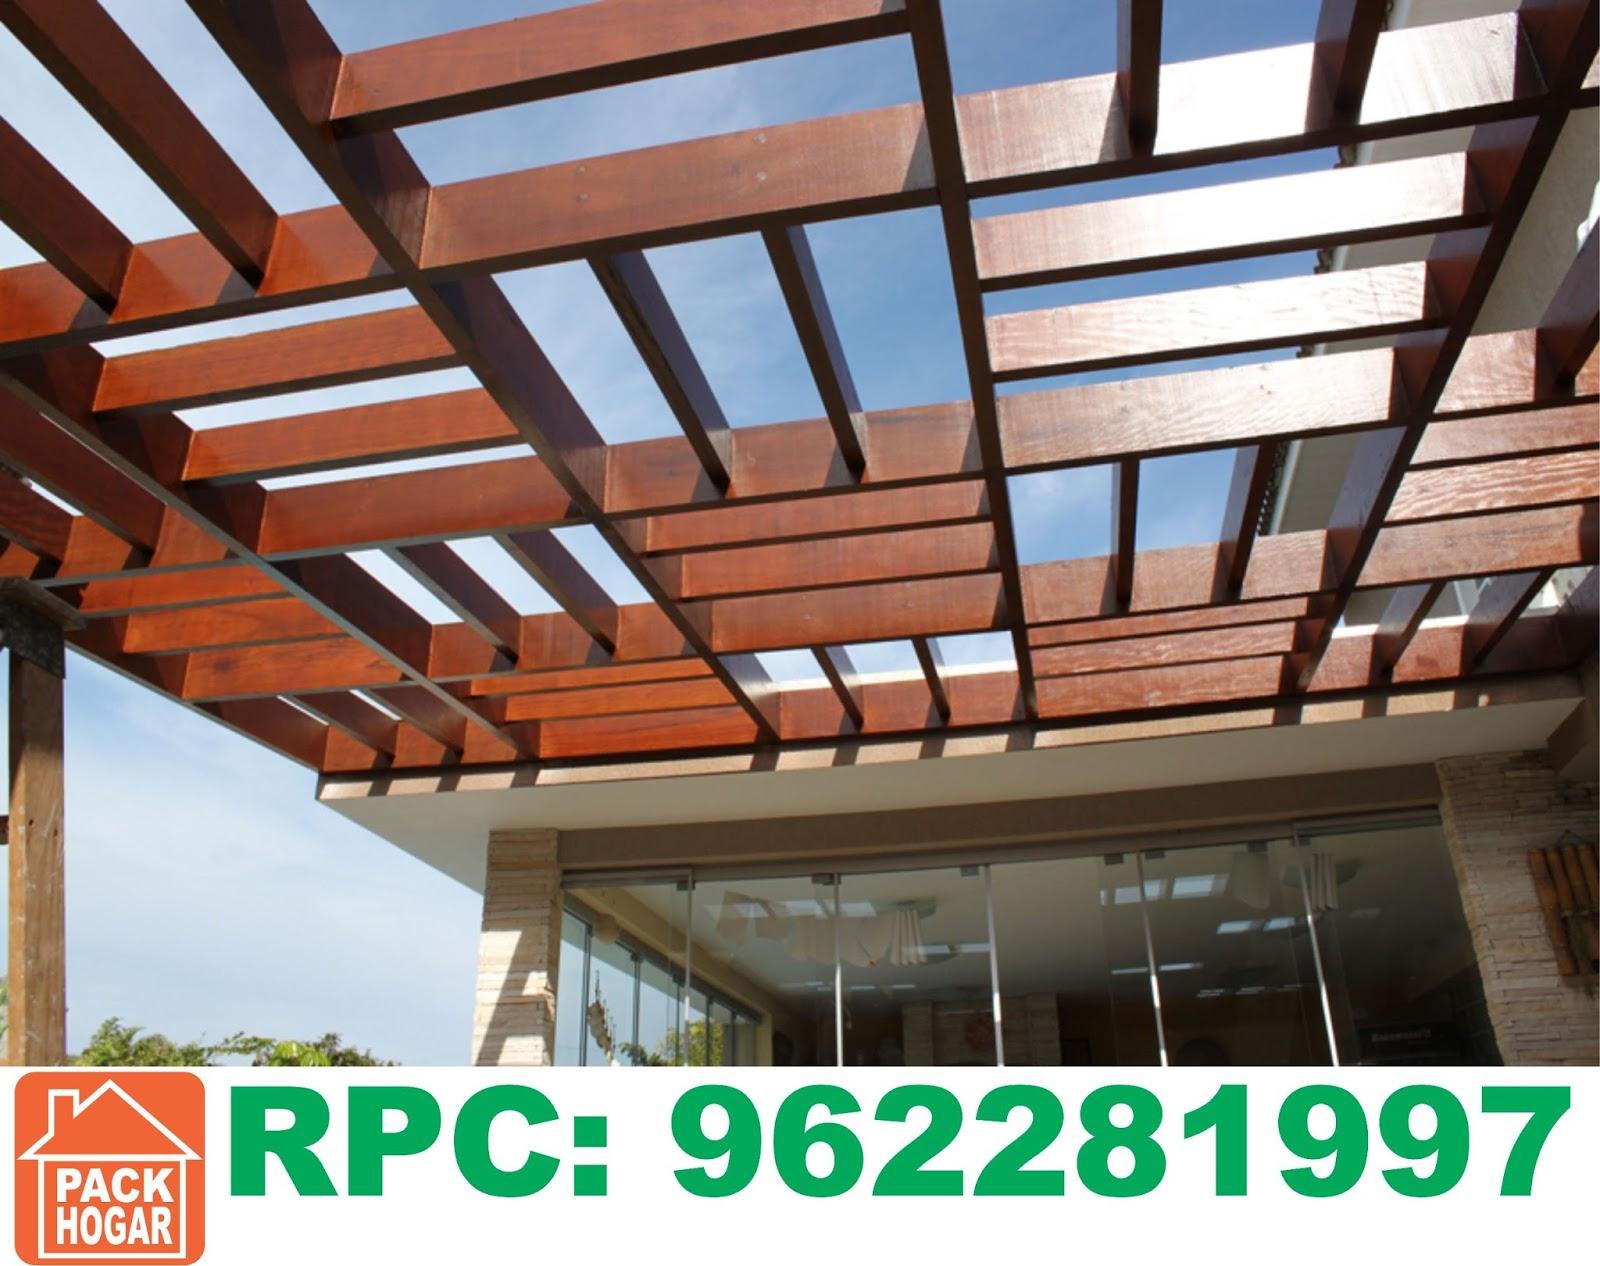 Pergolas sol y sombra techos de madera lima for Techos de madera para exterior